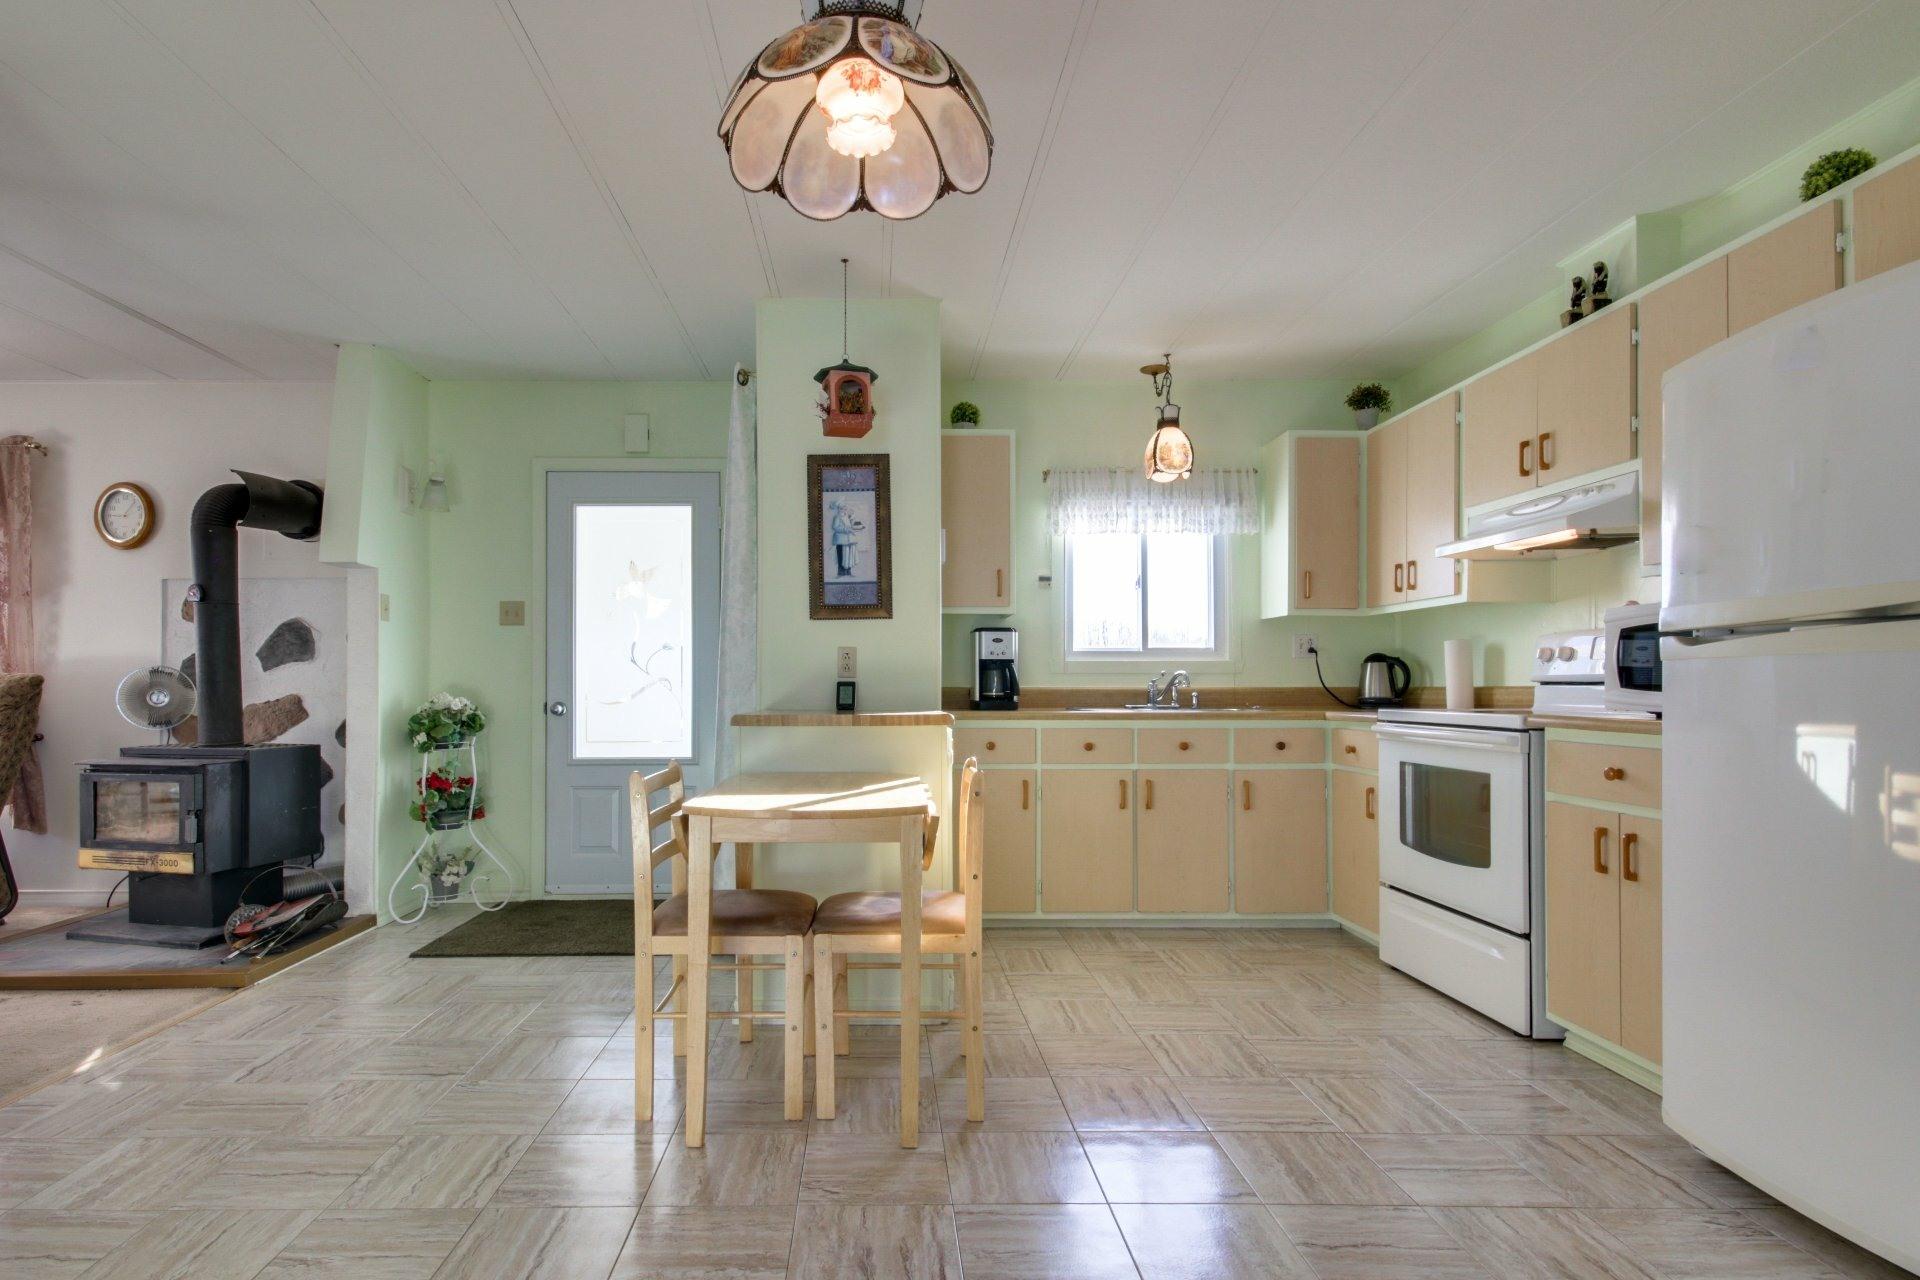 image 8 - House For sale Saint-Pierre-les-Becquets - 6 rooms